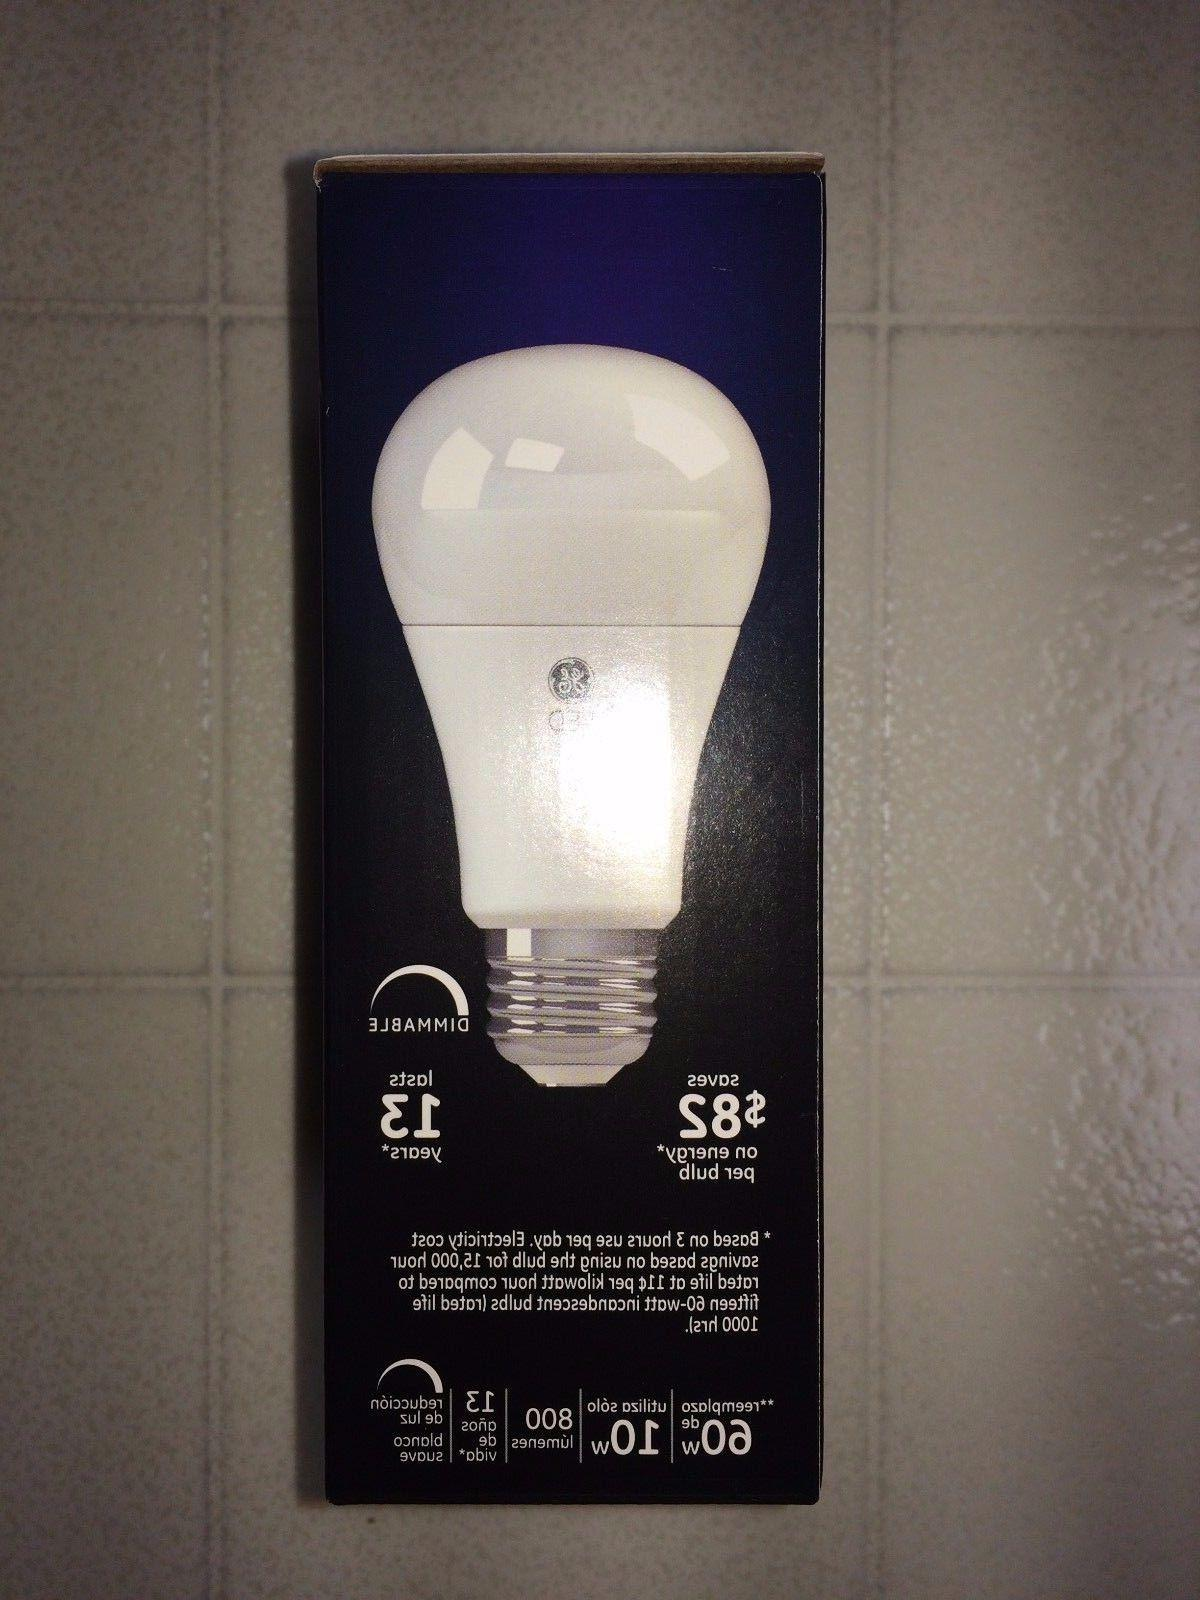 4 PACK GE LED White Equivalent E26